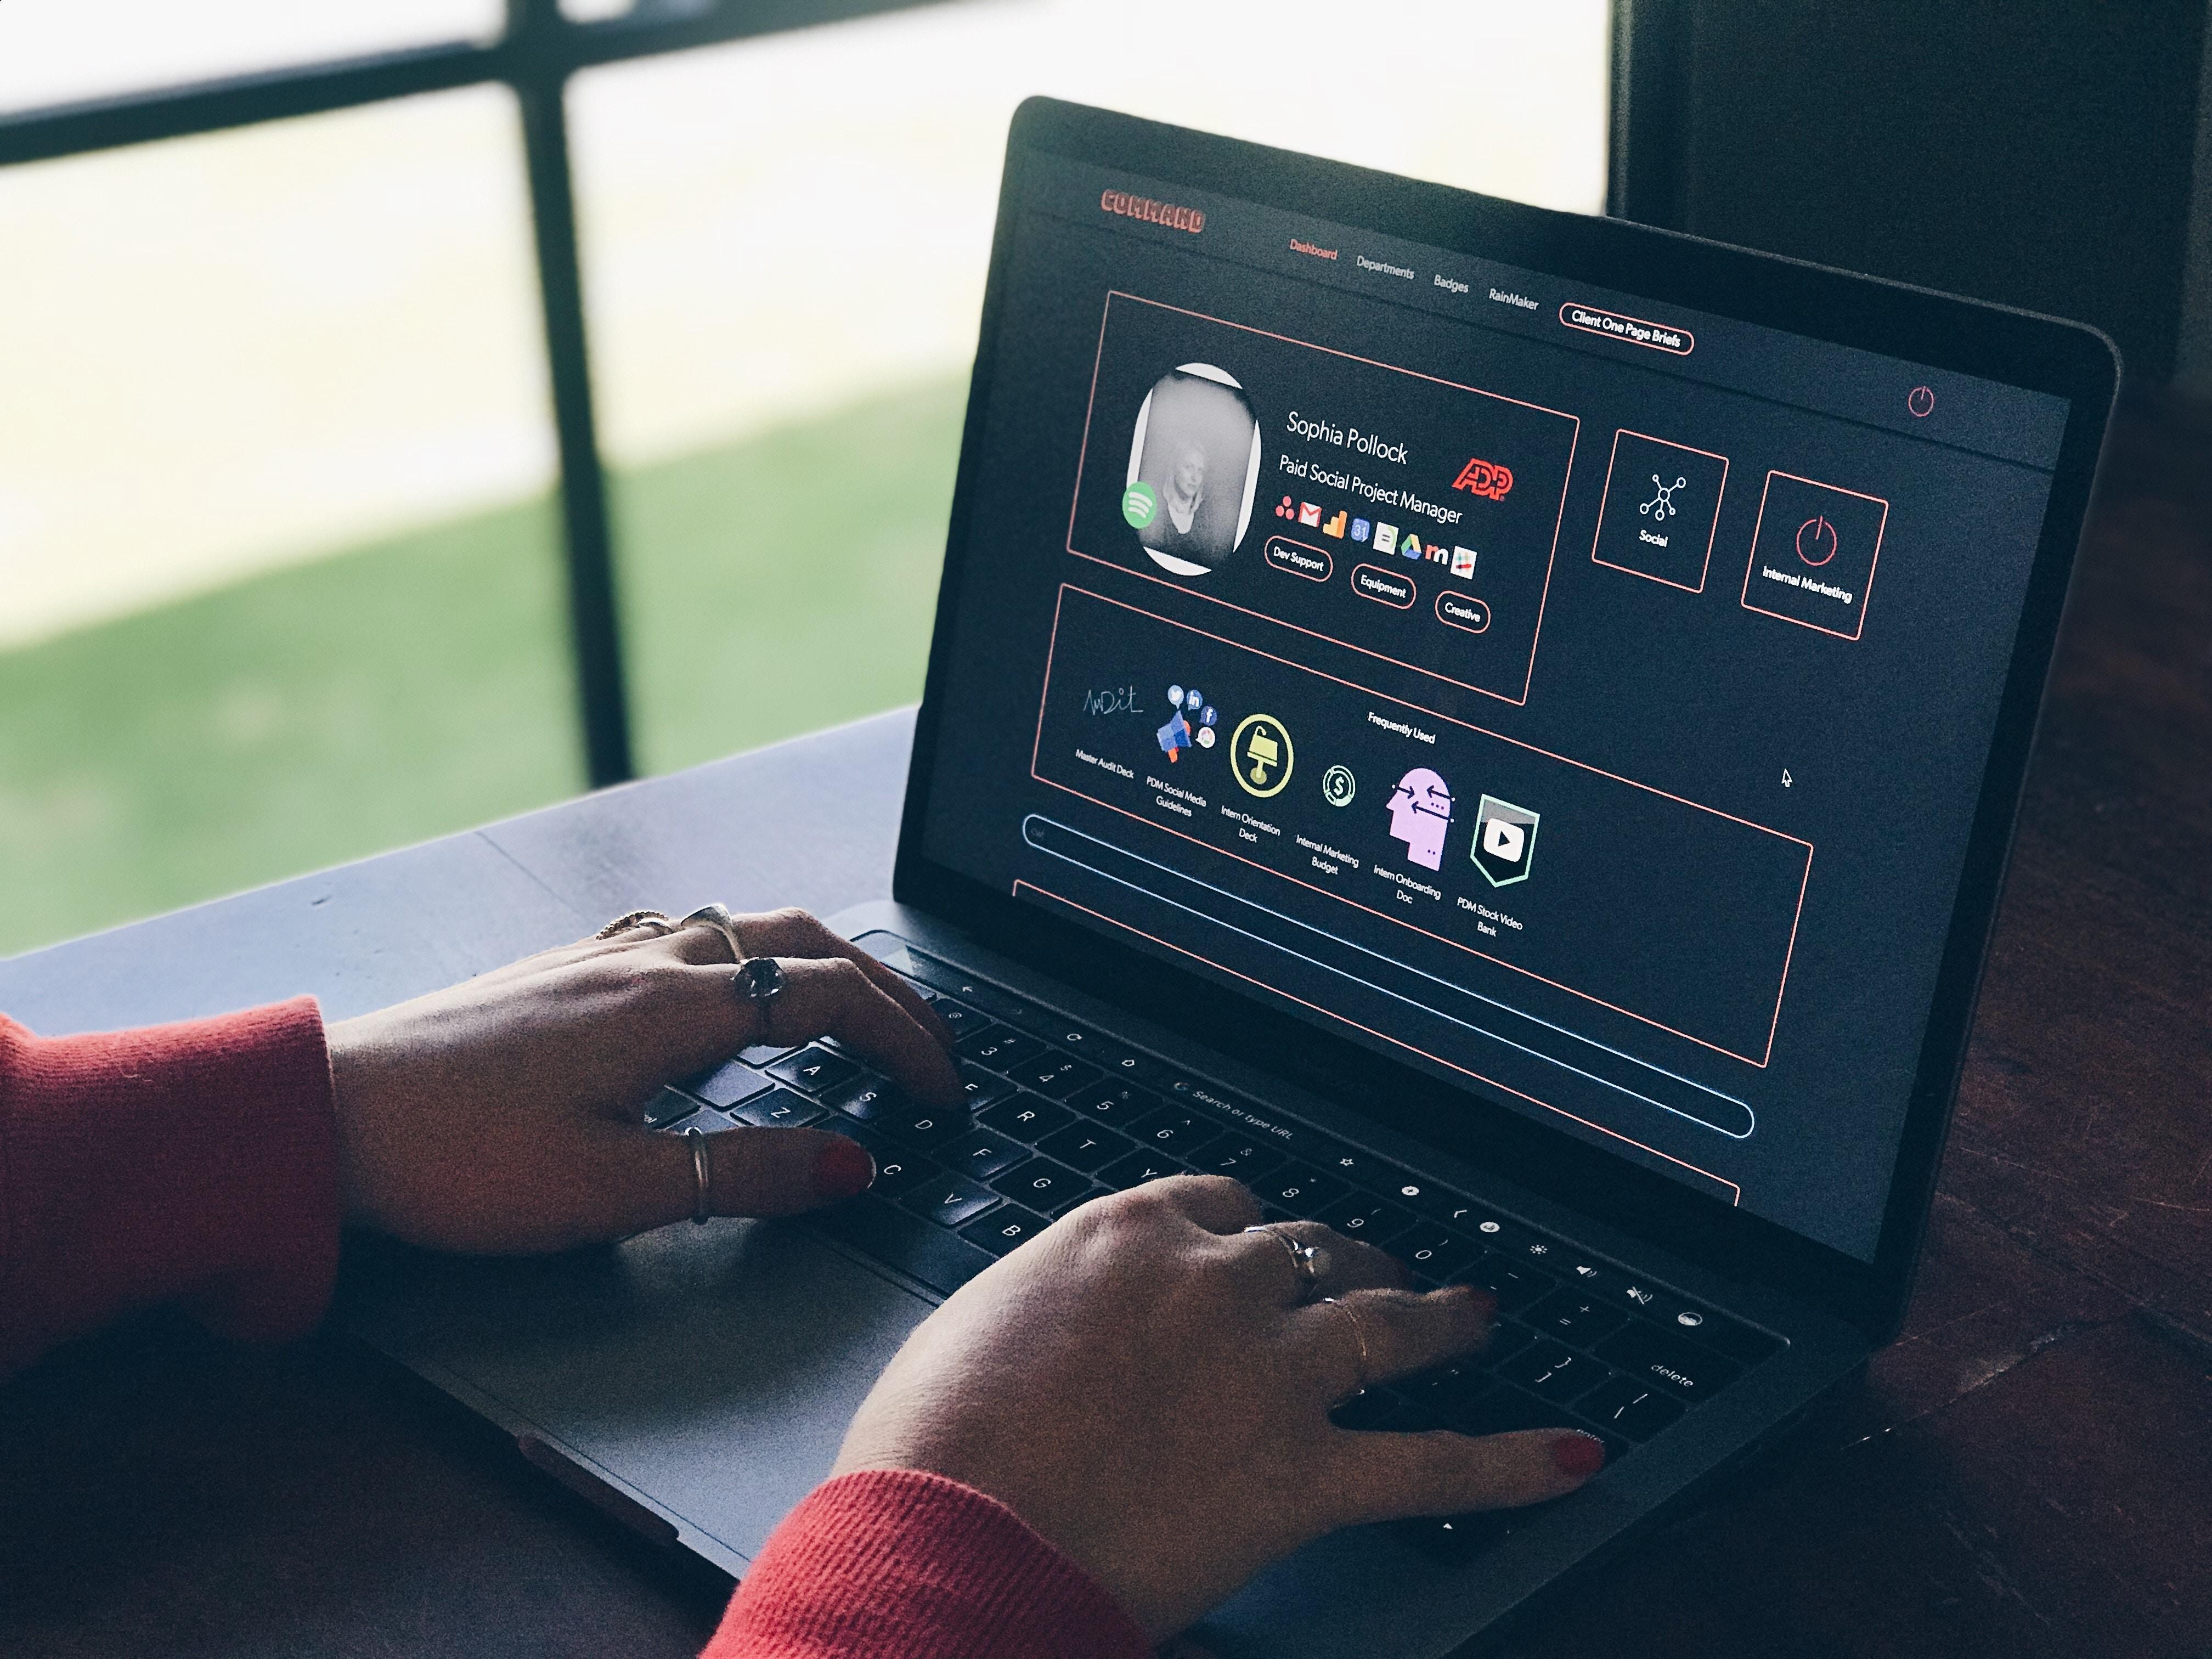 - power digital marketing 1571029 unsplash - 6 melhores ferramentas para acelerar campanhas de marketing para conteúdo digital